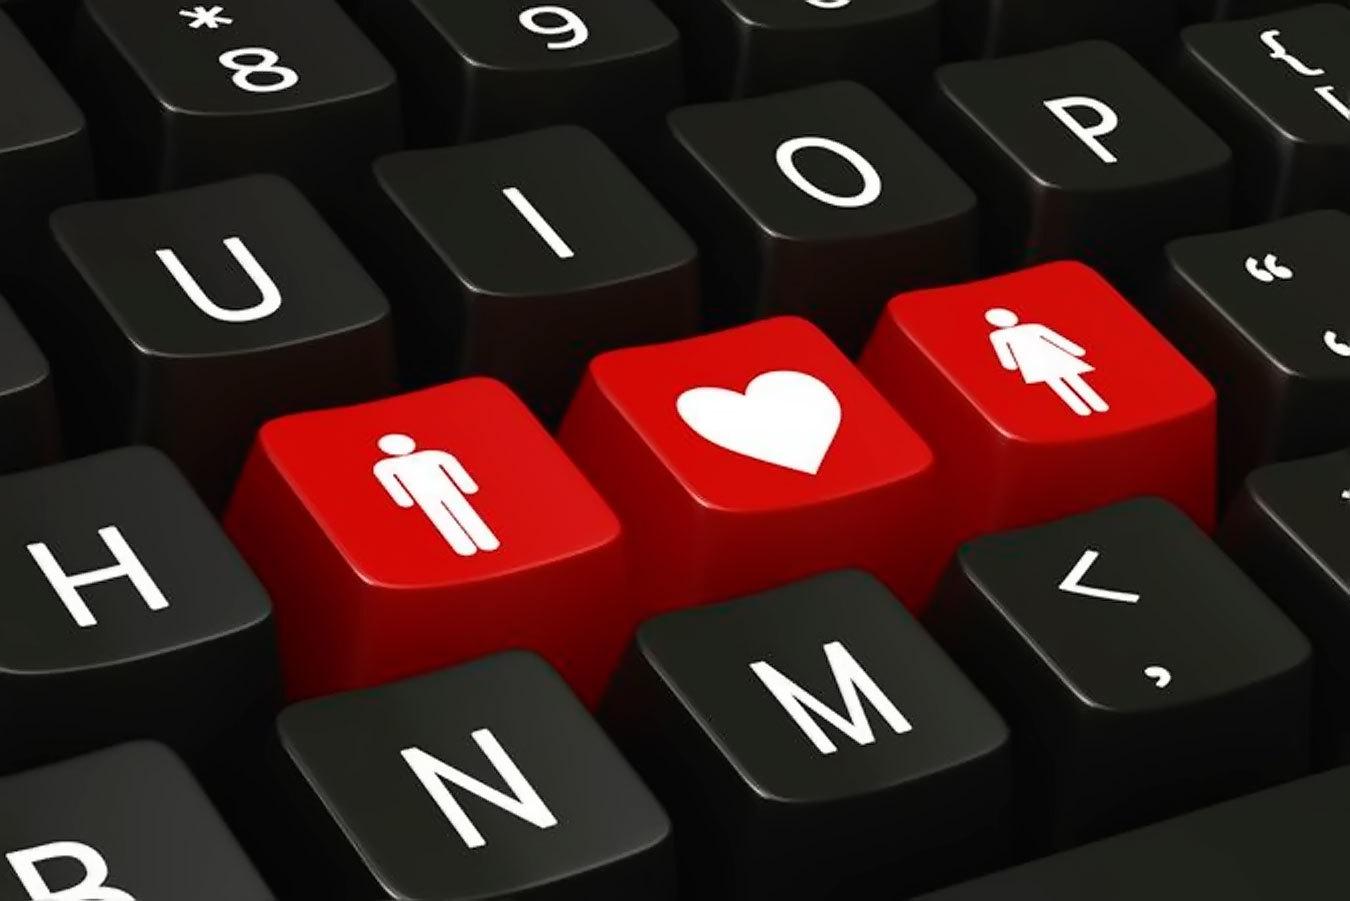 Онлайн отношения позволят вам расширить круг общения.